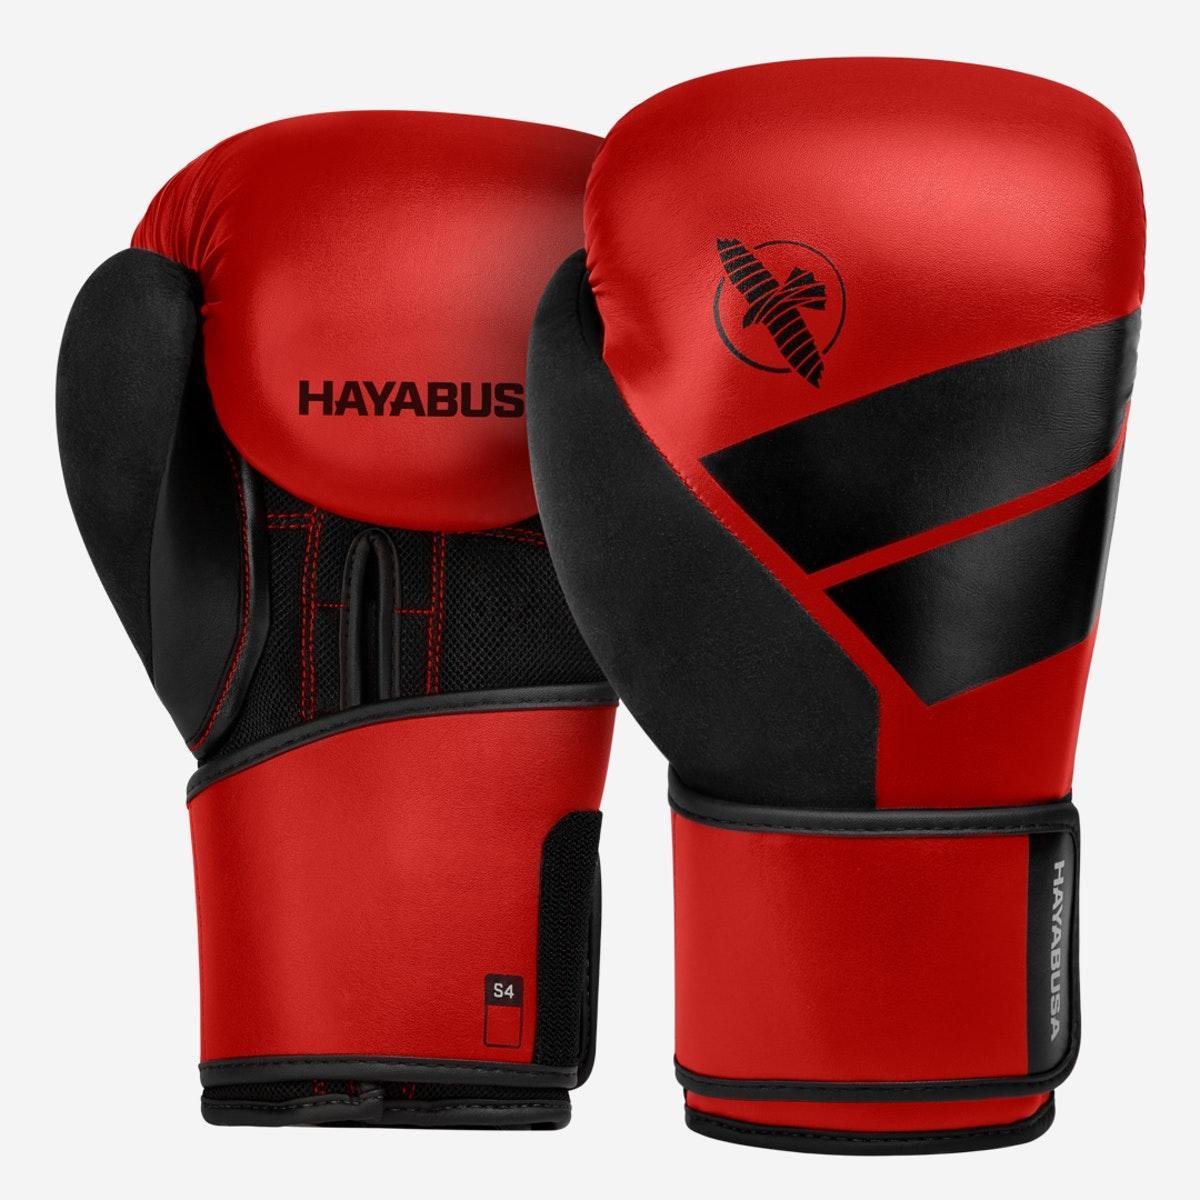 Боксерские перчатки Hayabusa S4 - Красные 16oz